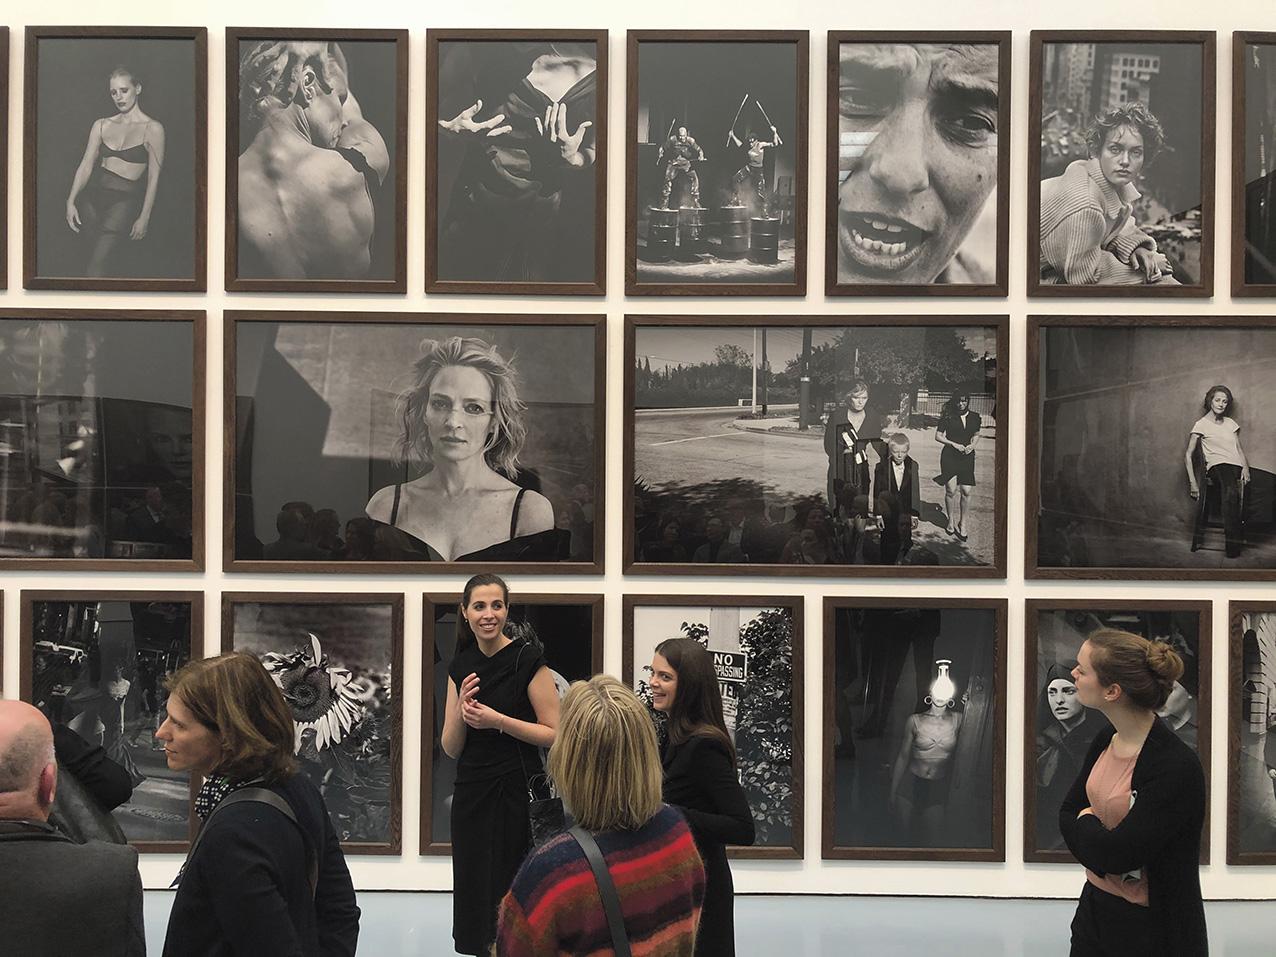 Tirages réalisés pour l'exposition «Peter Lindbergh» au Museum Kunstpalast de Düsseldorf, 2020.